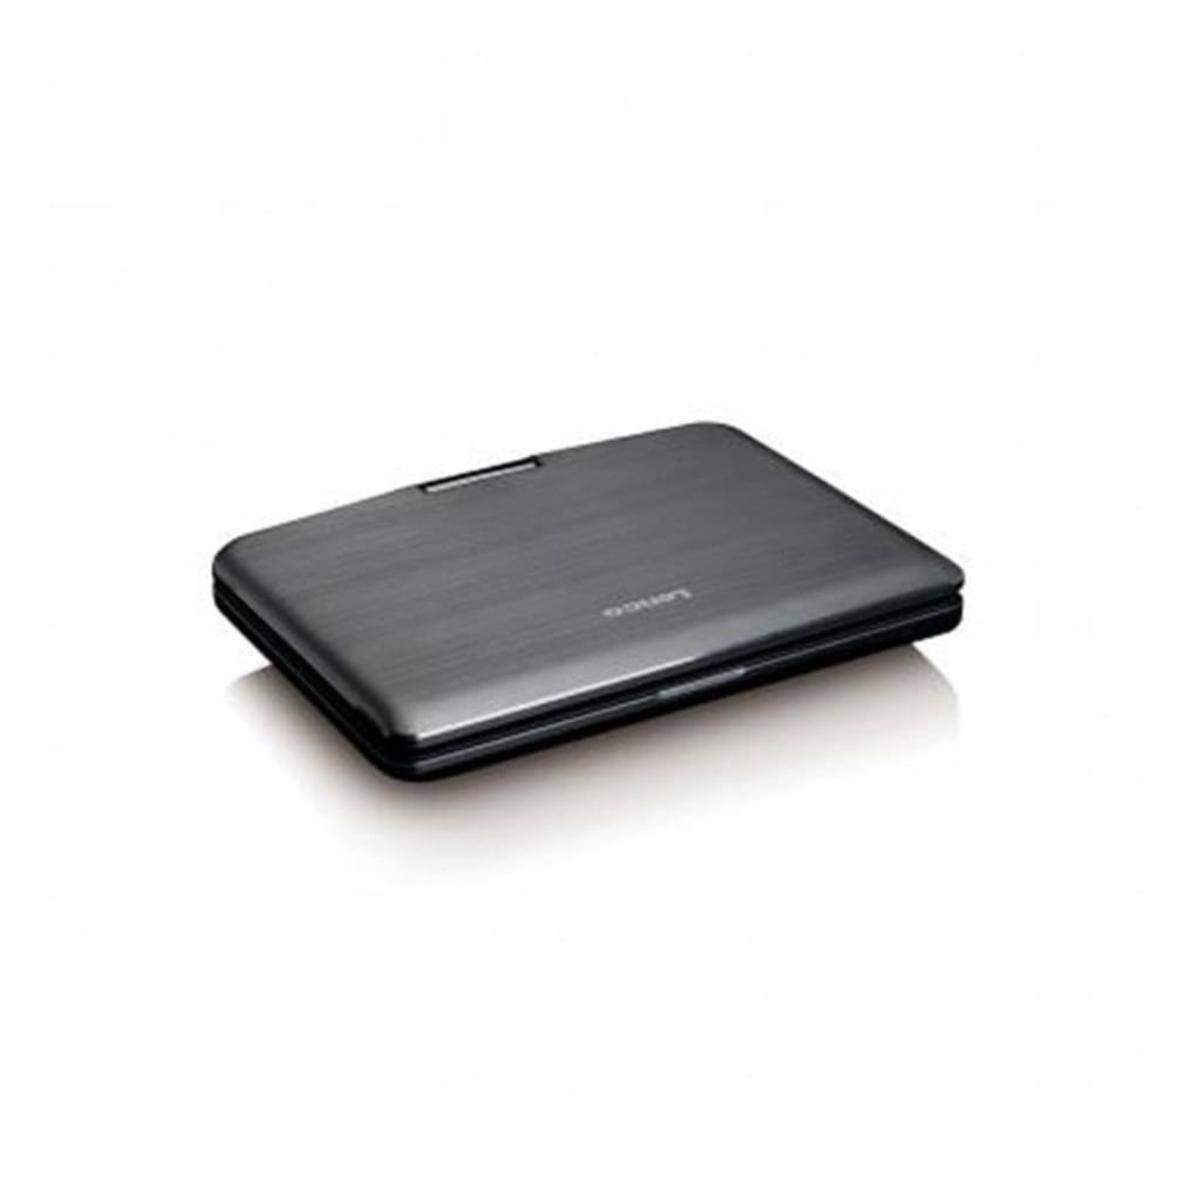 Bild 2 von Lenco DVP-1010 tragbarer DVD-Player 10 Zoll (25,5 cm) mit hoher Auflösung (1.024 x 600) drehbarem Display und integriertem Akku (USB, SD, AV), Netzadapter, Kopfhörer